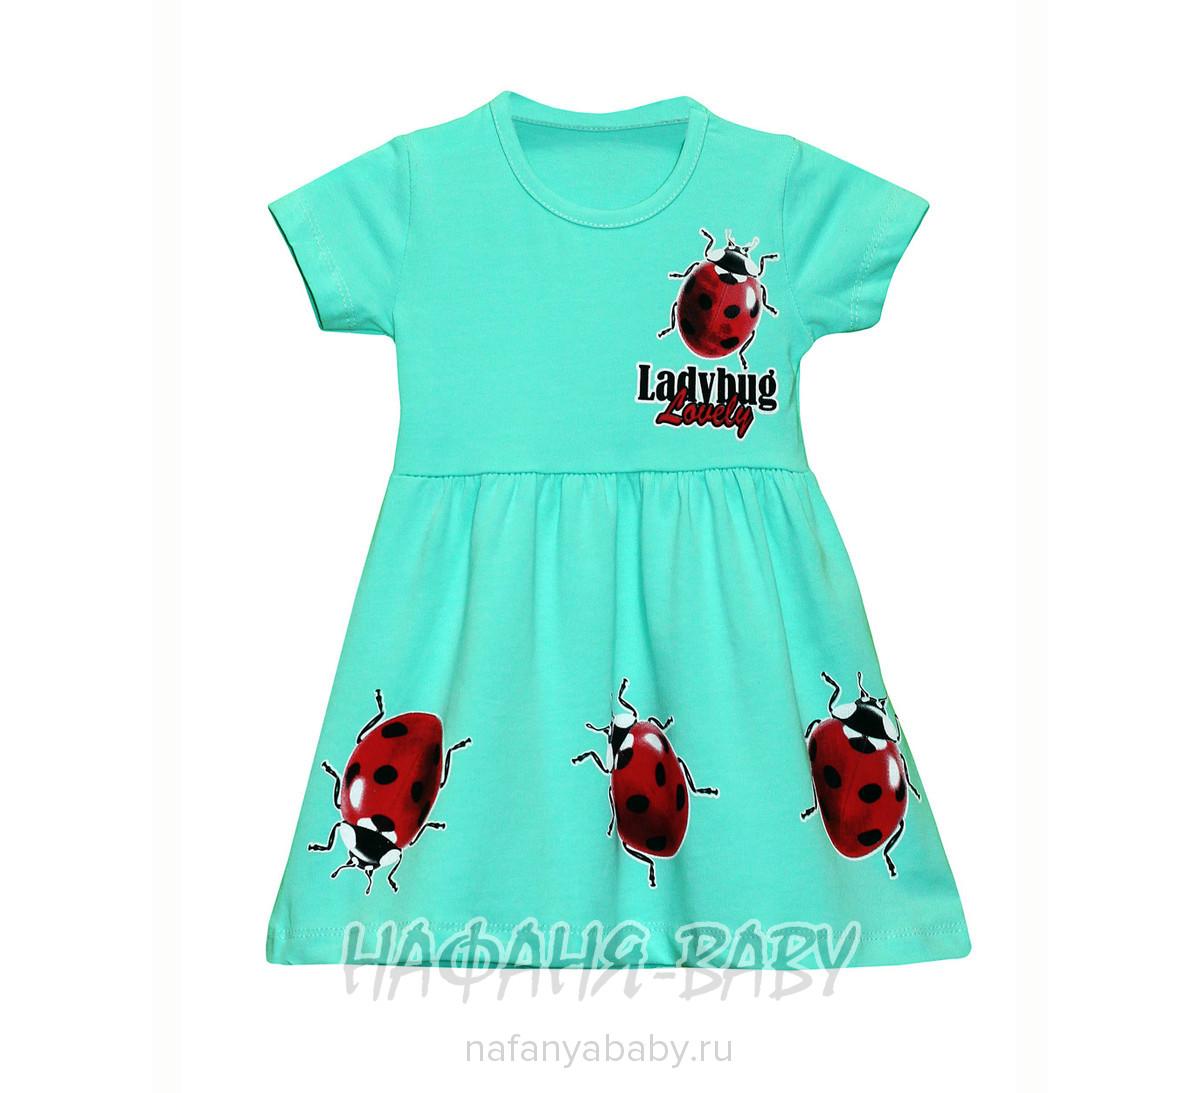 Детское платье Cit Cit арт: 4127, 1-4 года, 0-12 мес, оптом Турция